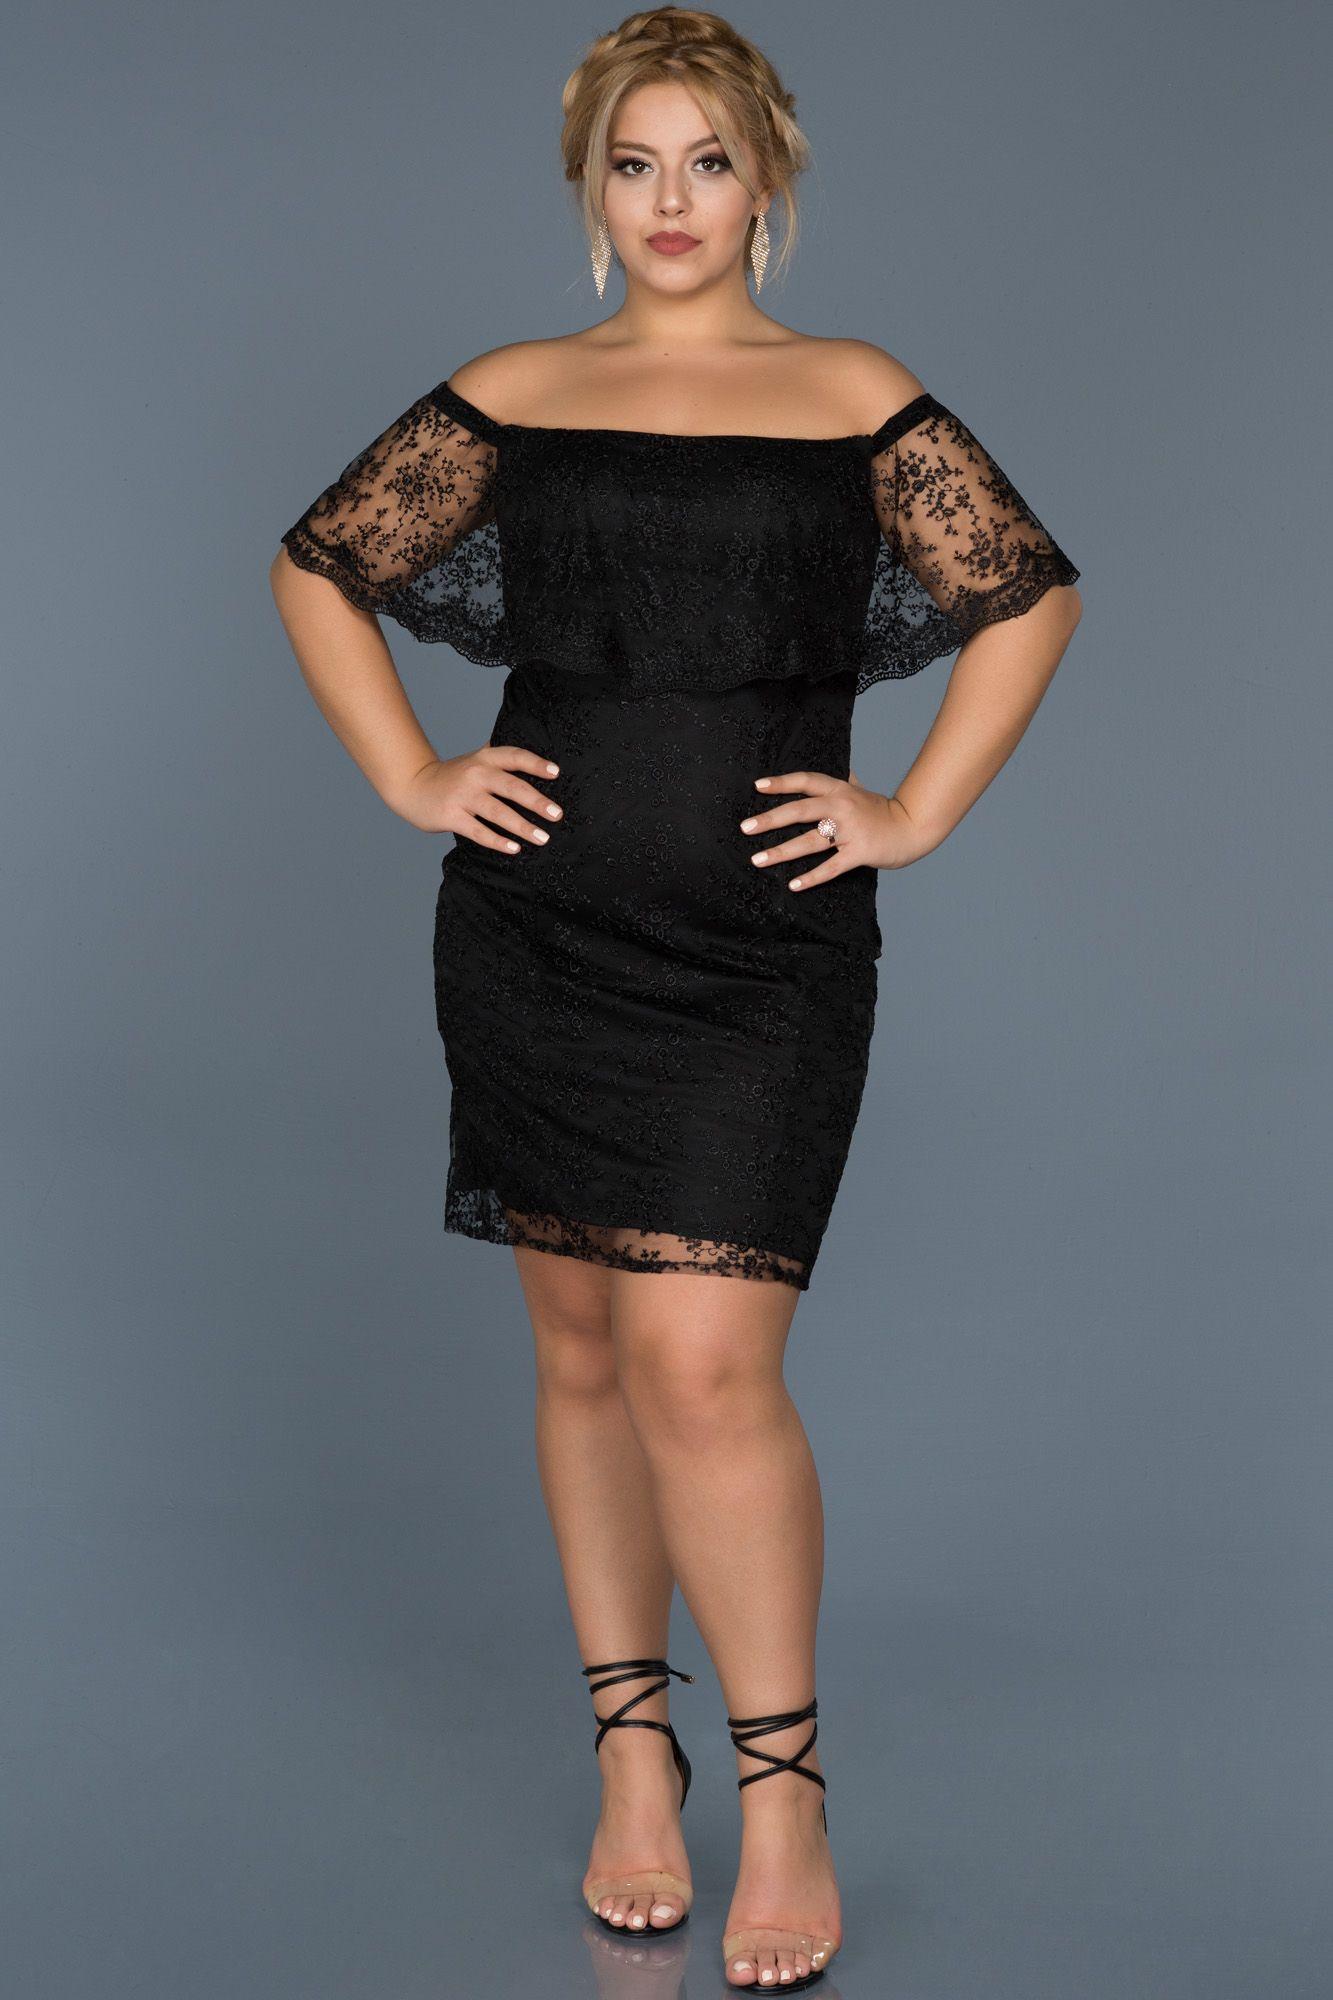 Madonna Yaka Dantelli Buyuk Beden Elbise Abk277 Elbiseler Elbise Elbise Modelleri